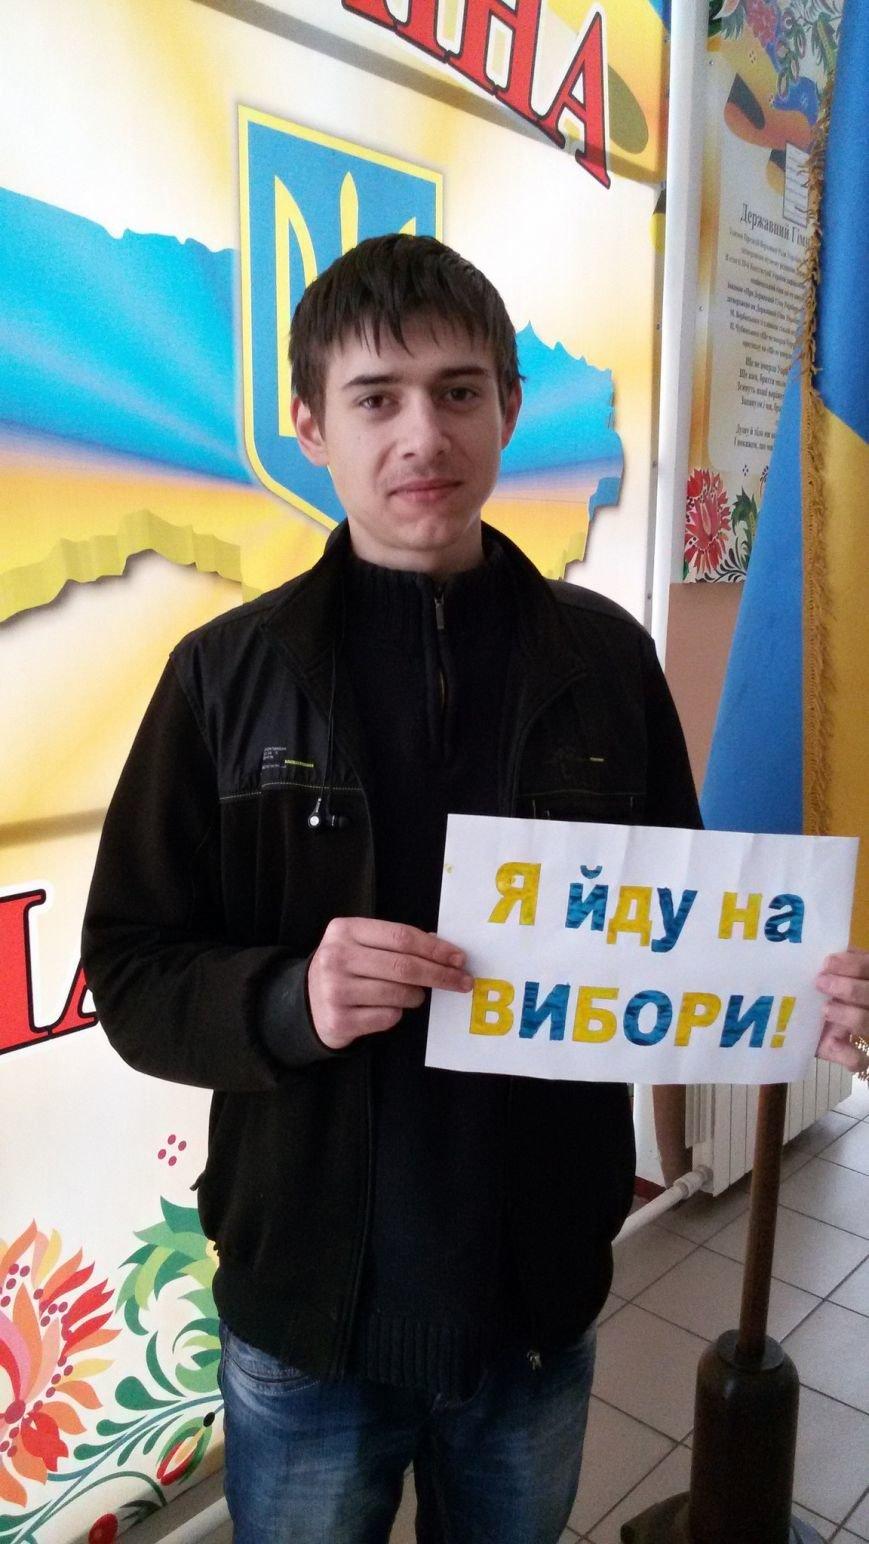 Днепродзержинская молодёжь провела флешмоб «Я иду на выборы» (фото) - фото 8